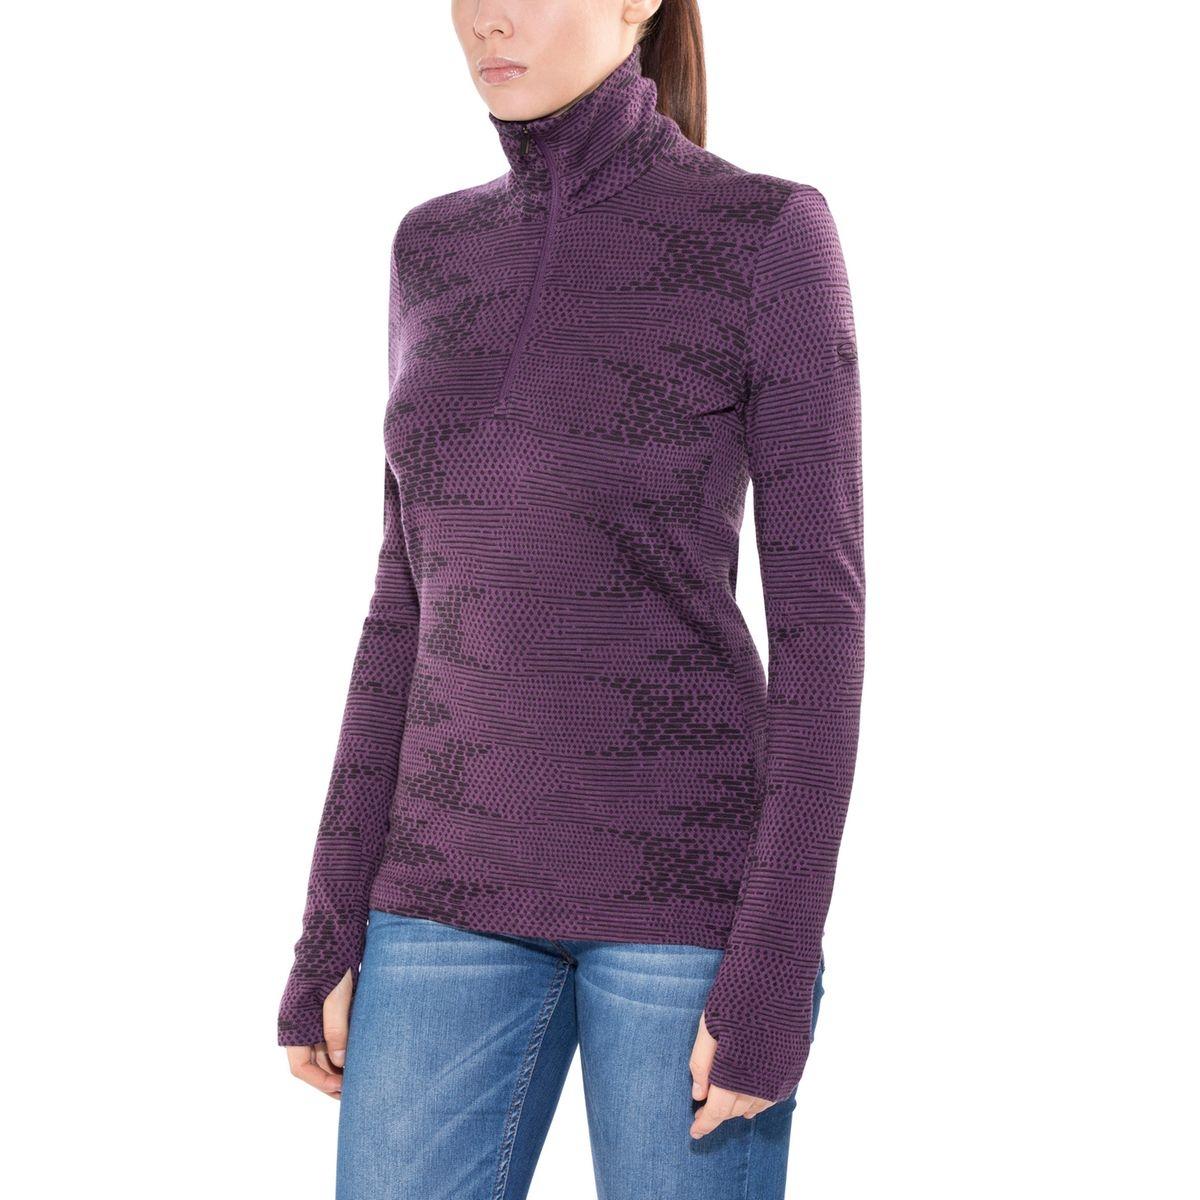 Vertex - Sous-vêtement Femme - violet